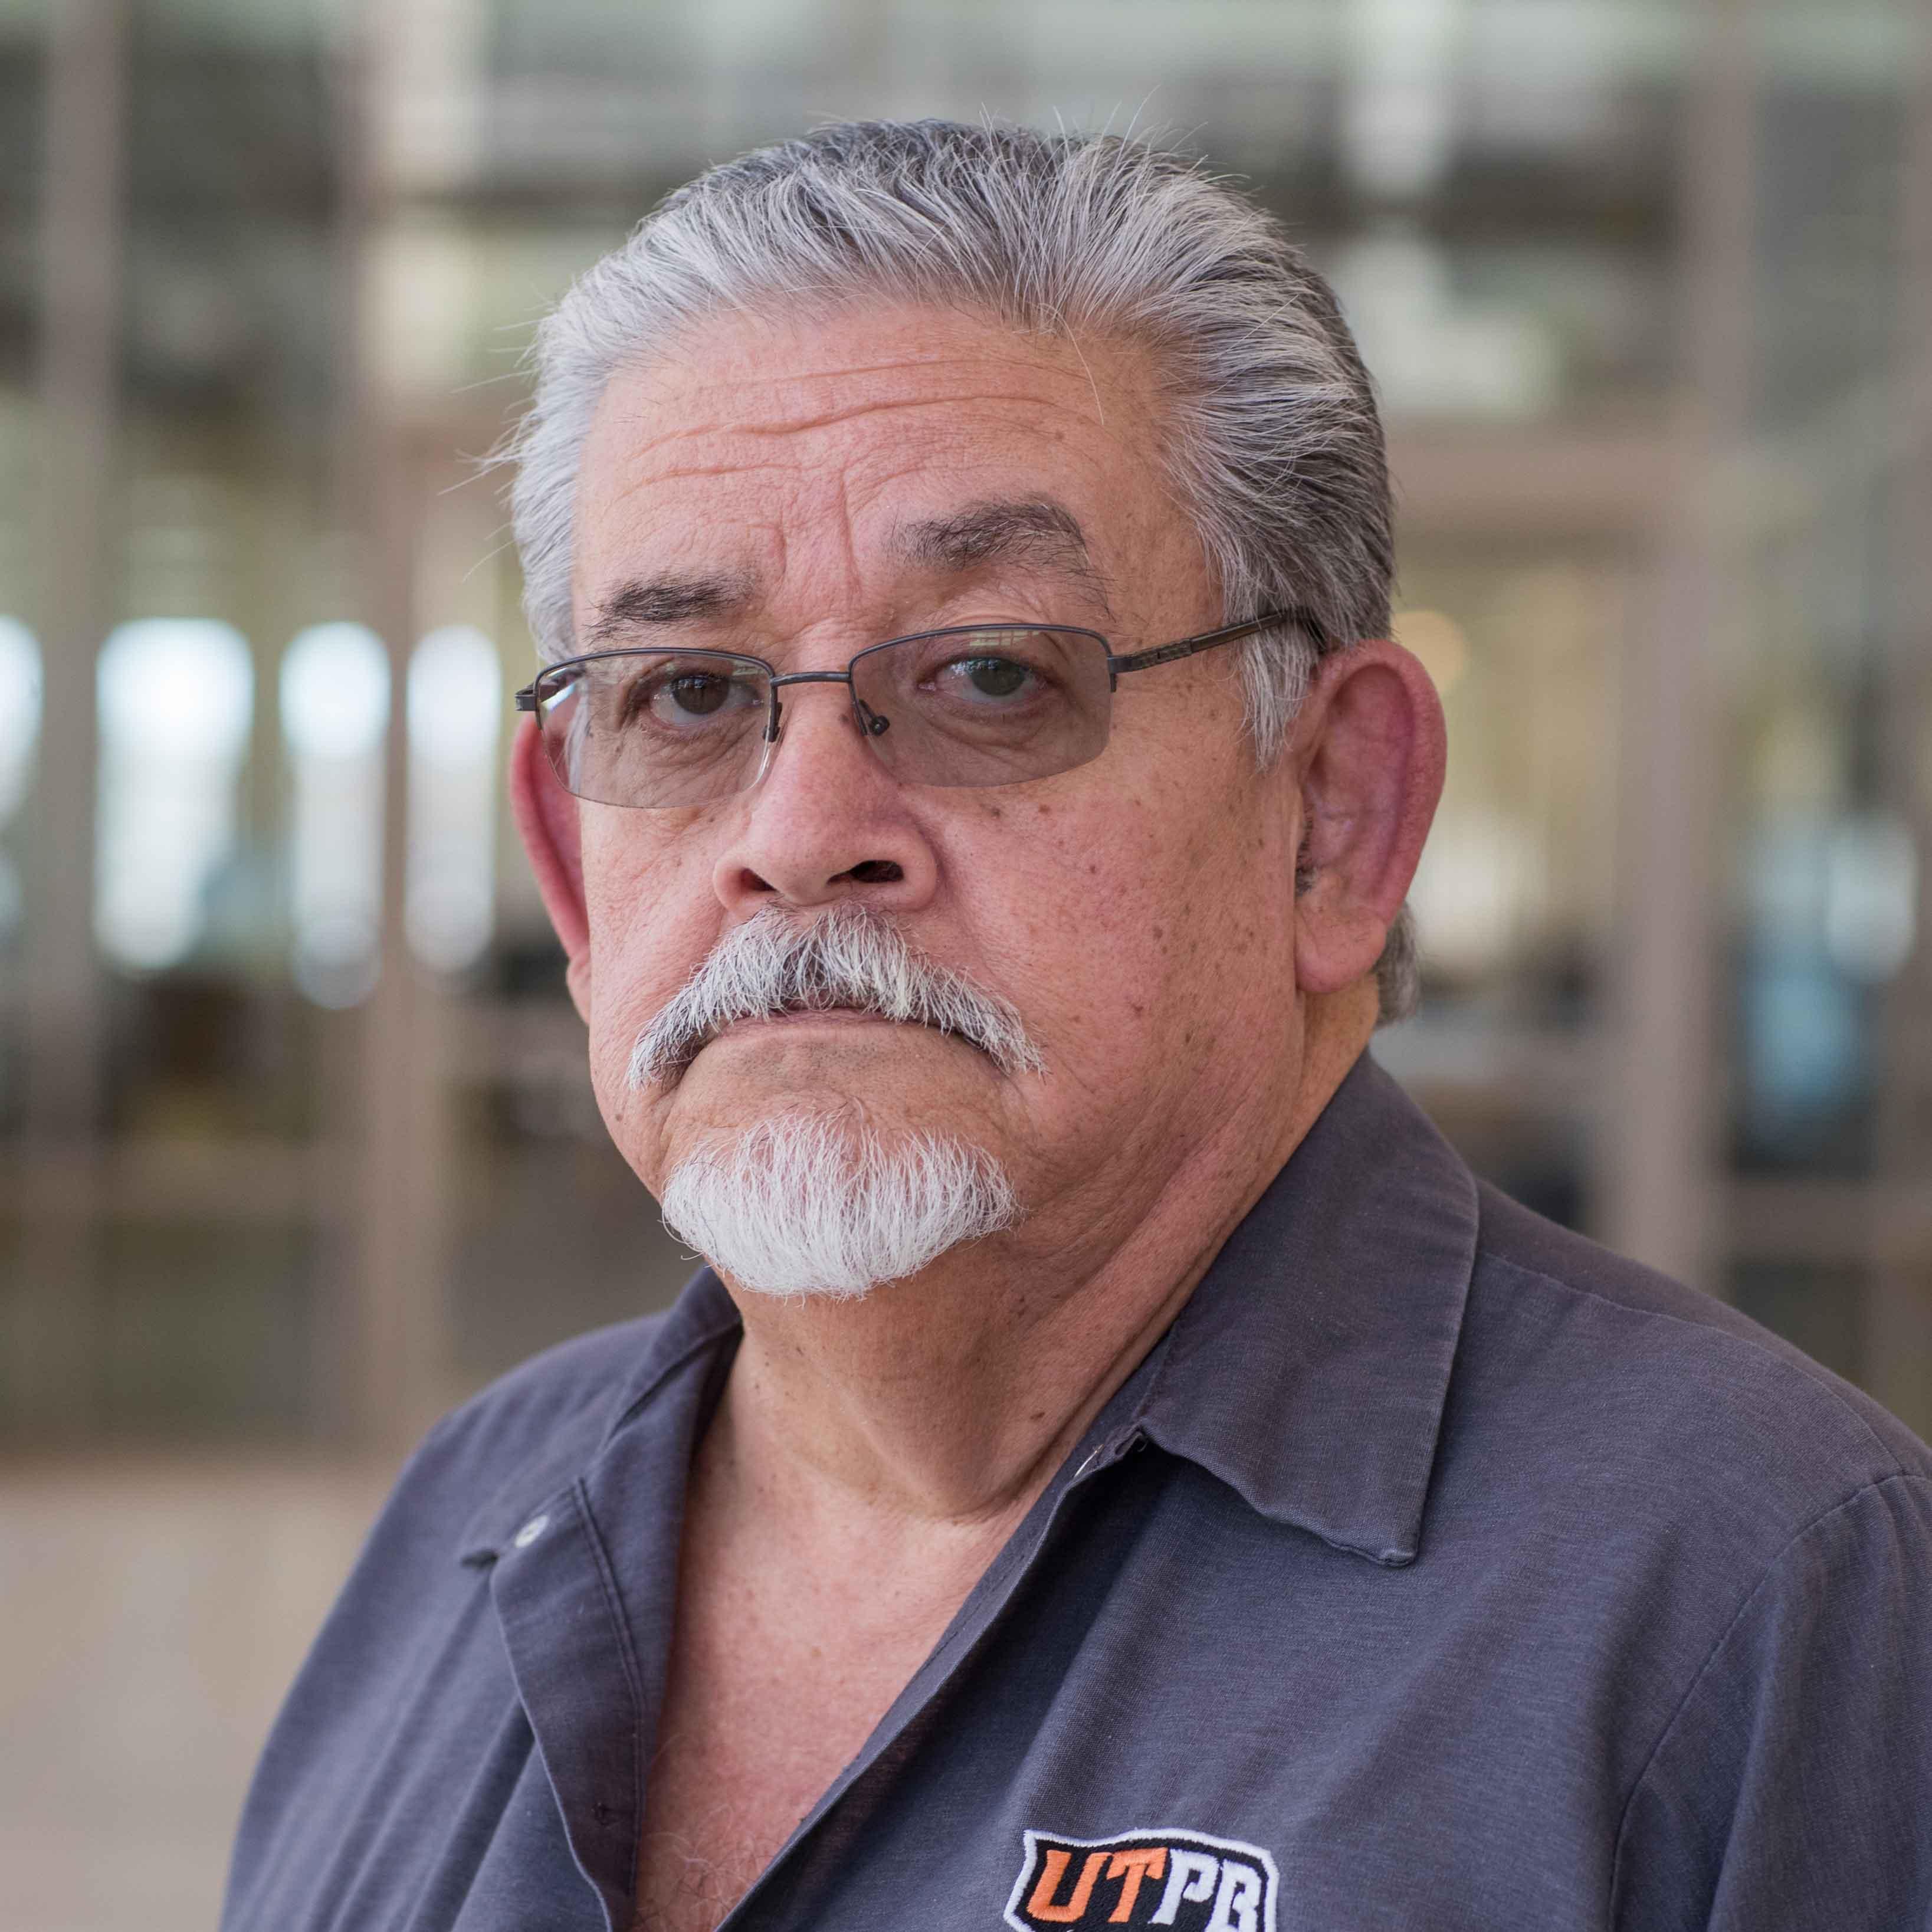 Herman Fuentes Nuevo disparo en la cabeza